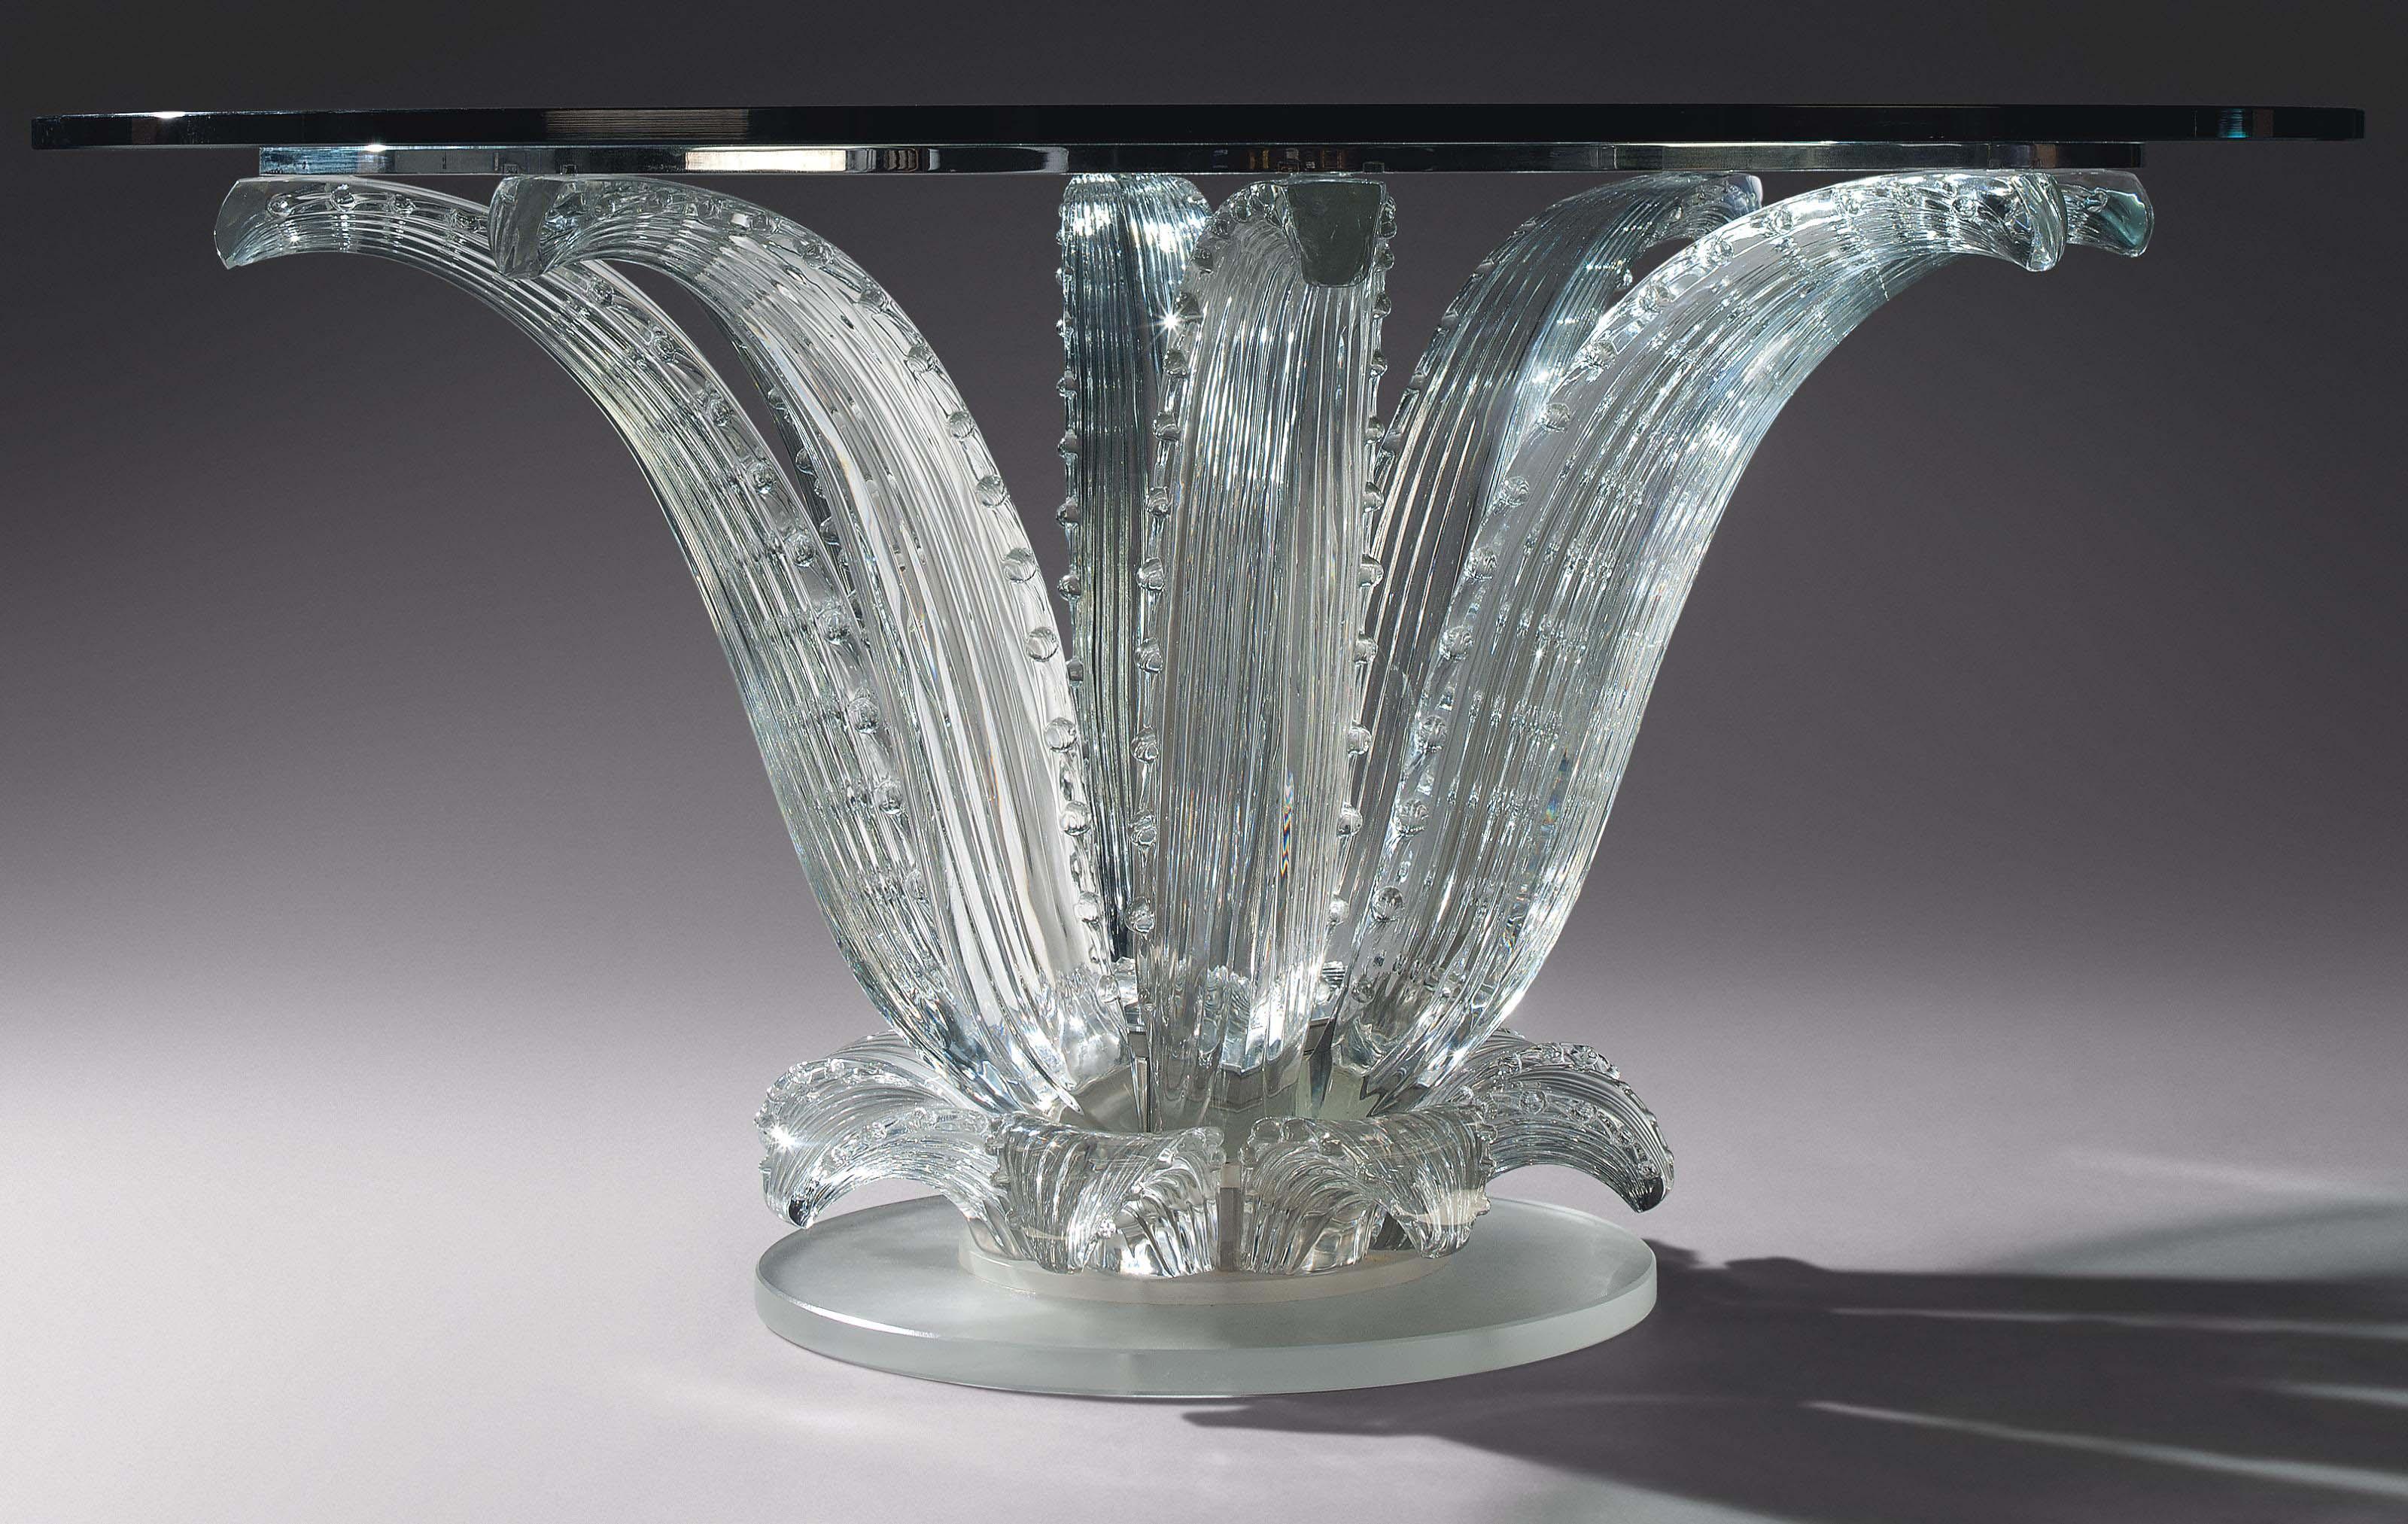 CACTUS TABLE, NO. 10302